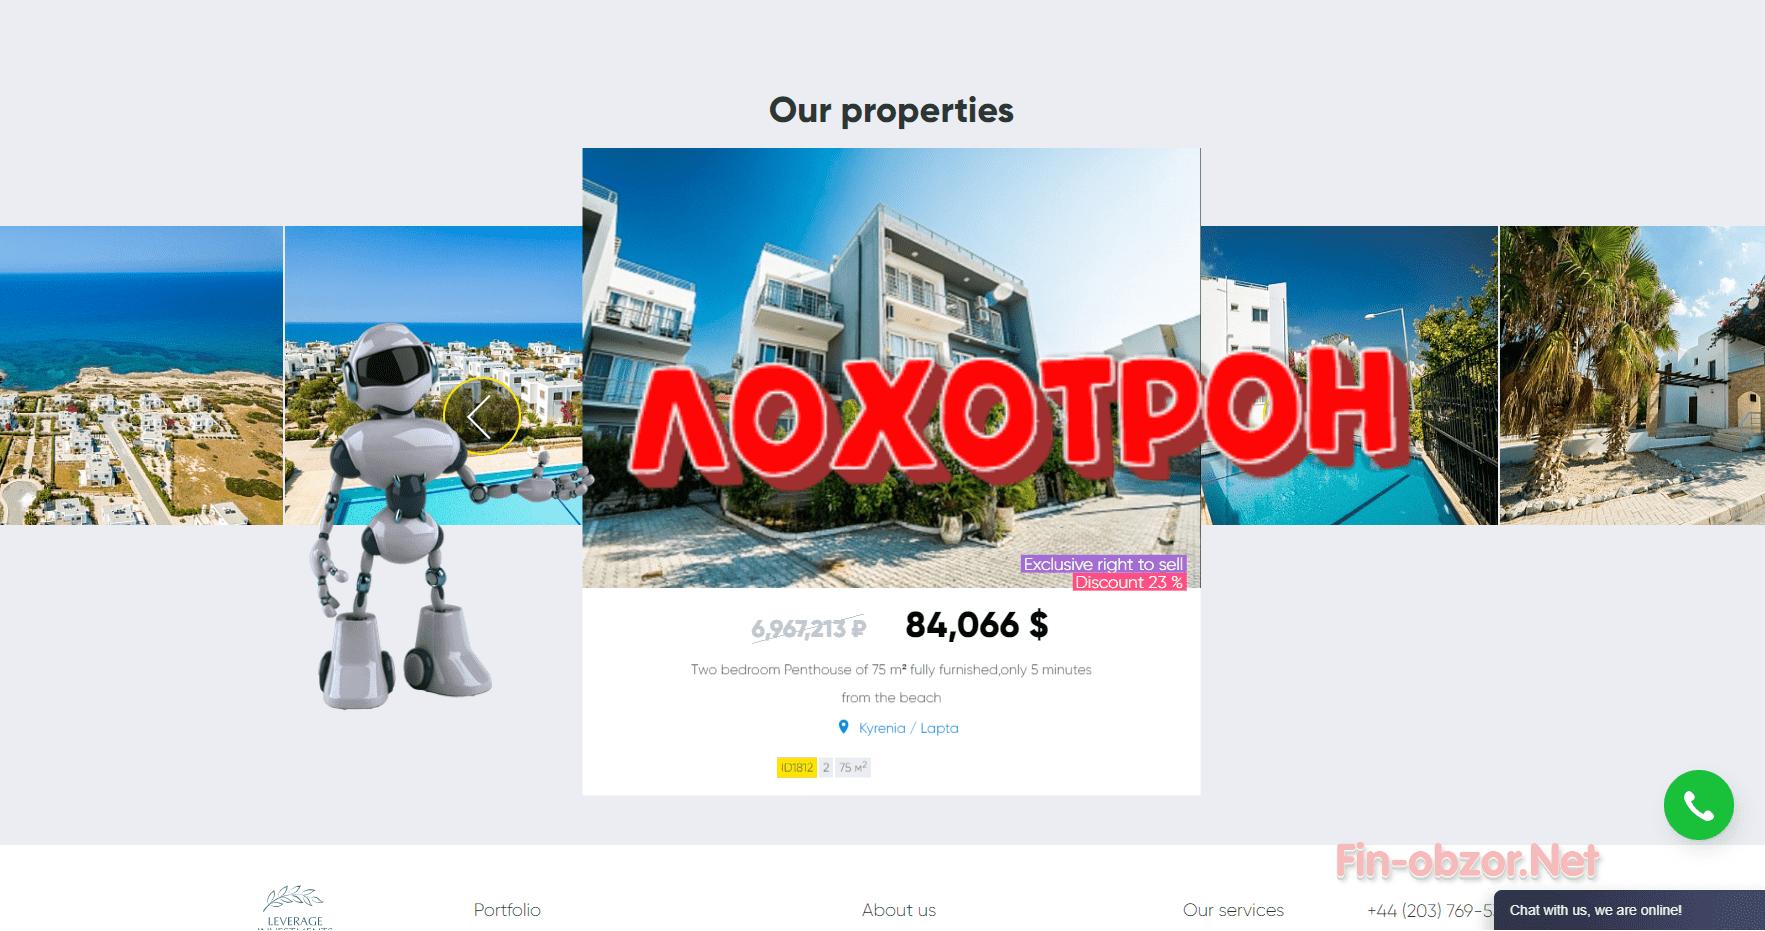 LeverageInvestments – какие отзывы Недвижимость Северного Кипра